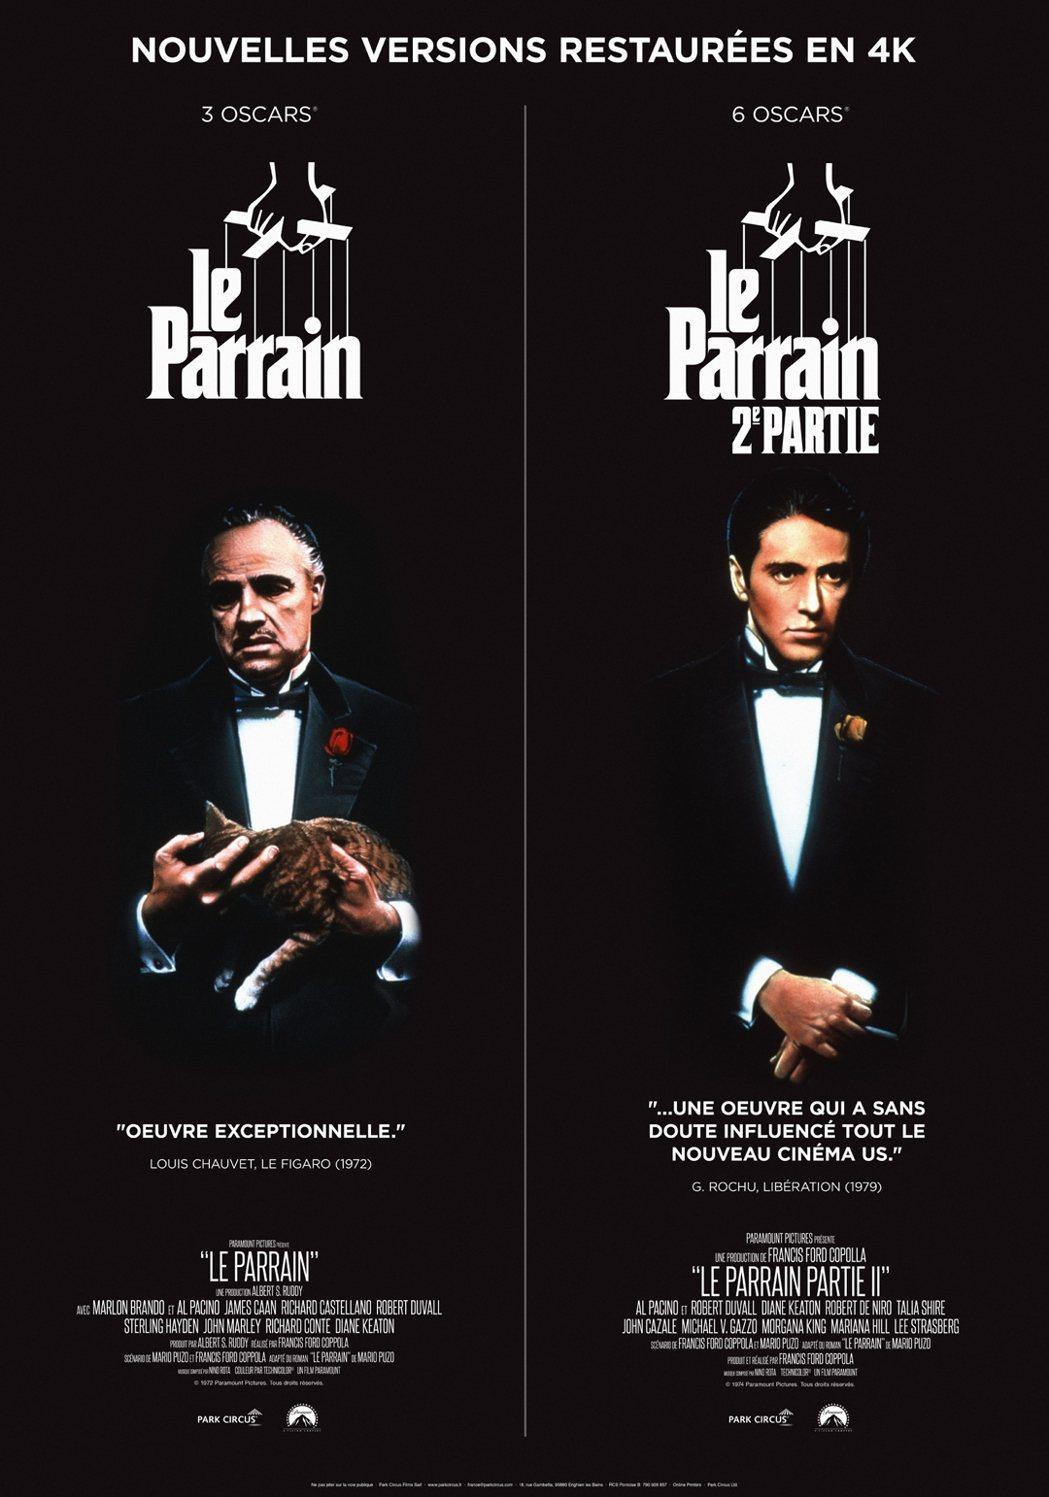 電影《教父》數位修復版的海報。圖/捷傑提供